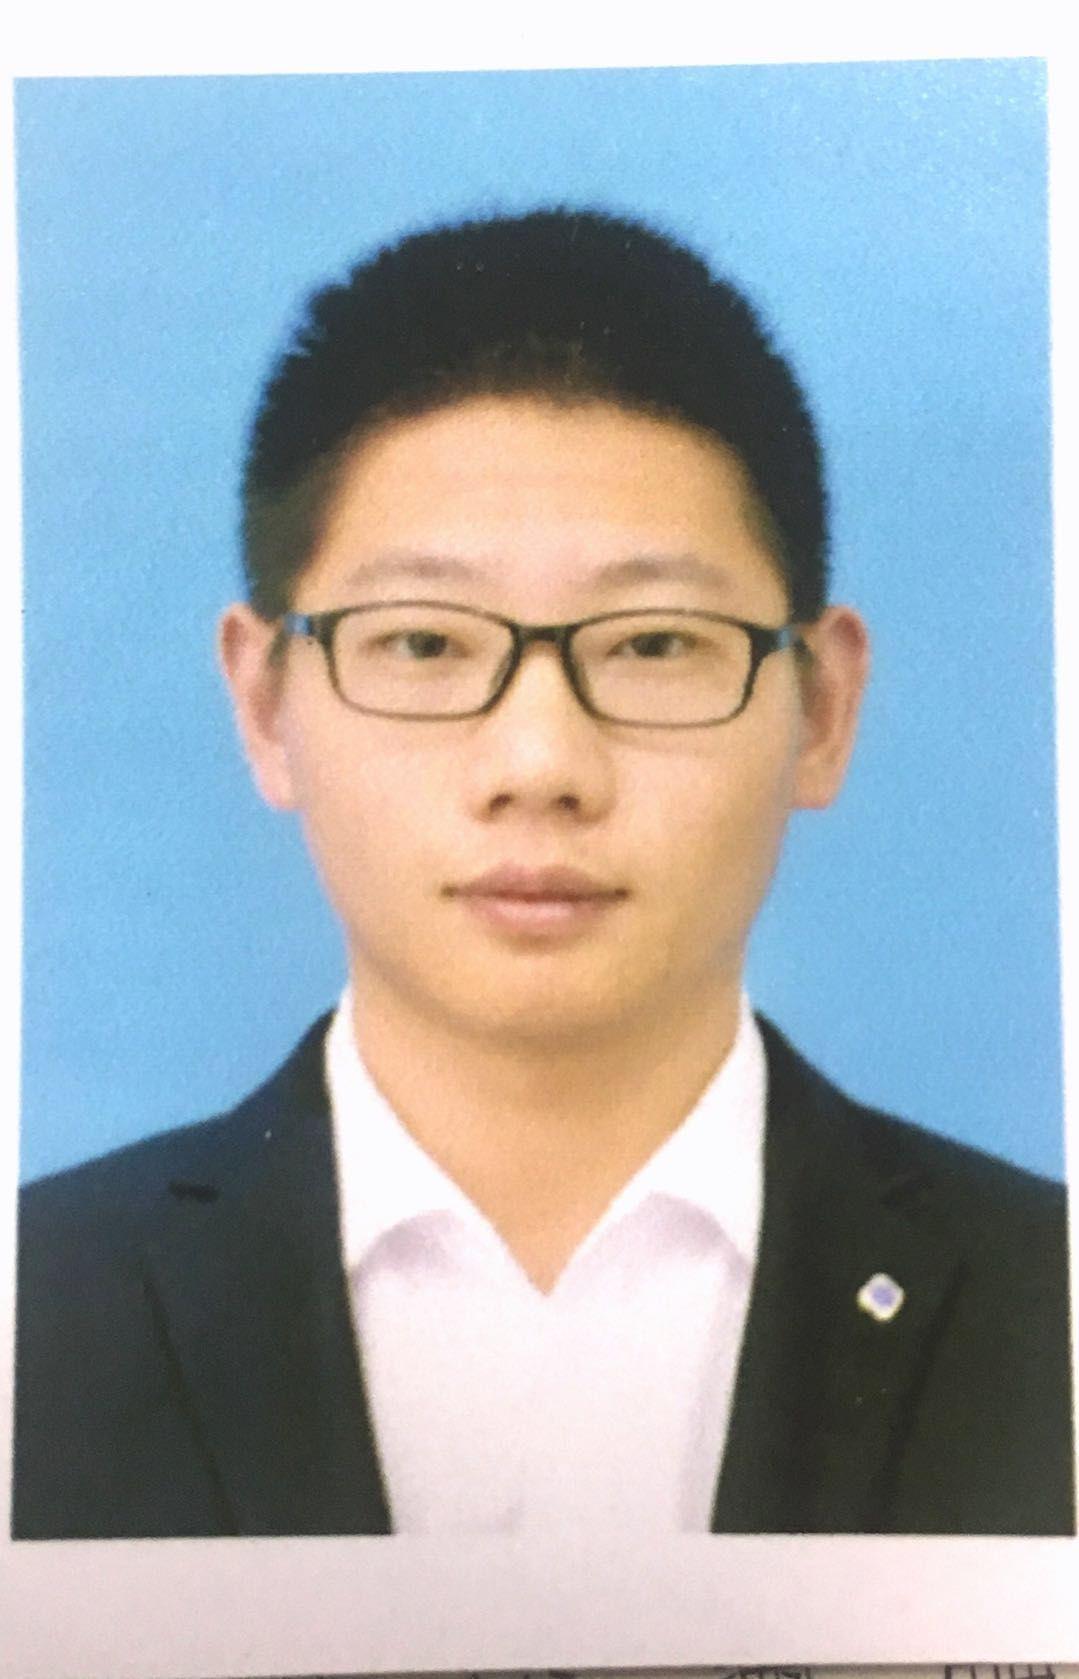 上海申浩(合肥) 律师事务所郑威律师简历(图) — 合肥律师图片